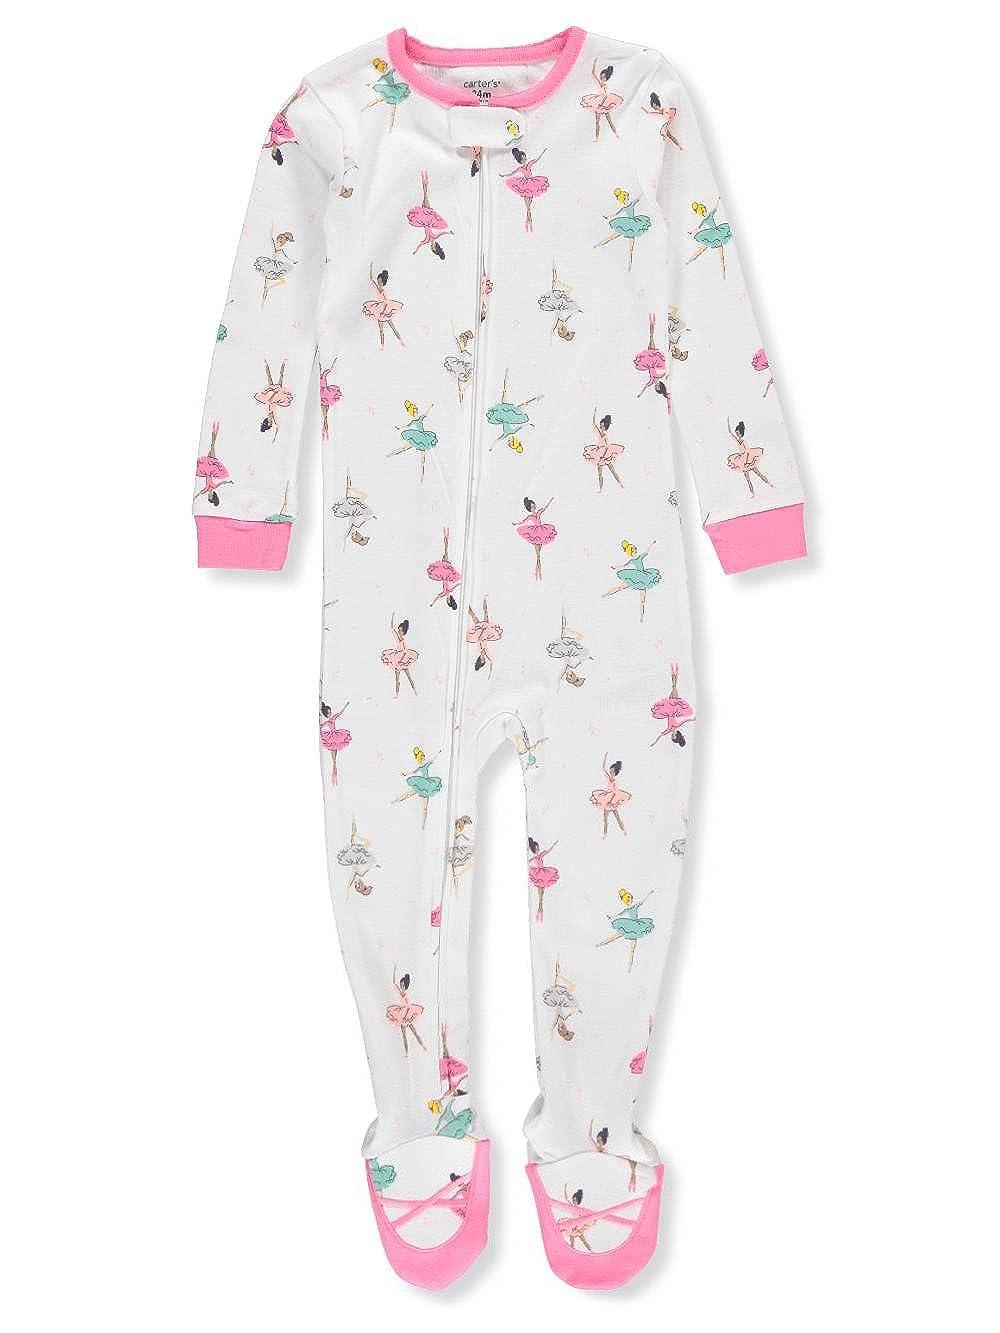 Carter's Baby Girls' 1-Piece Footed Pajamas Carter' s